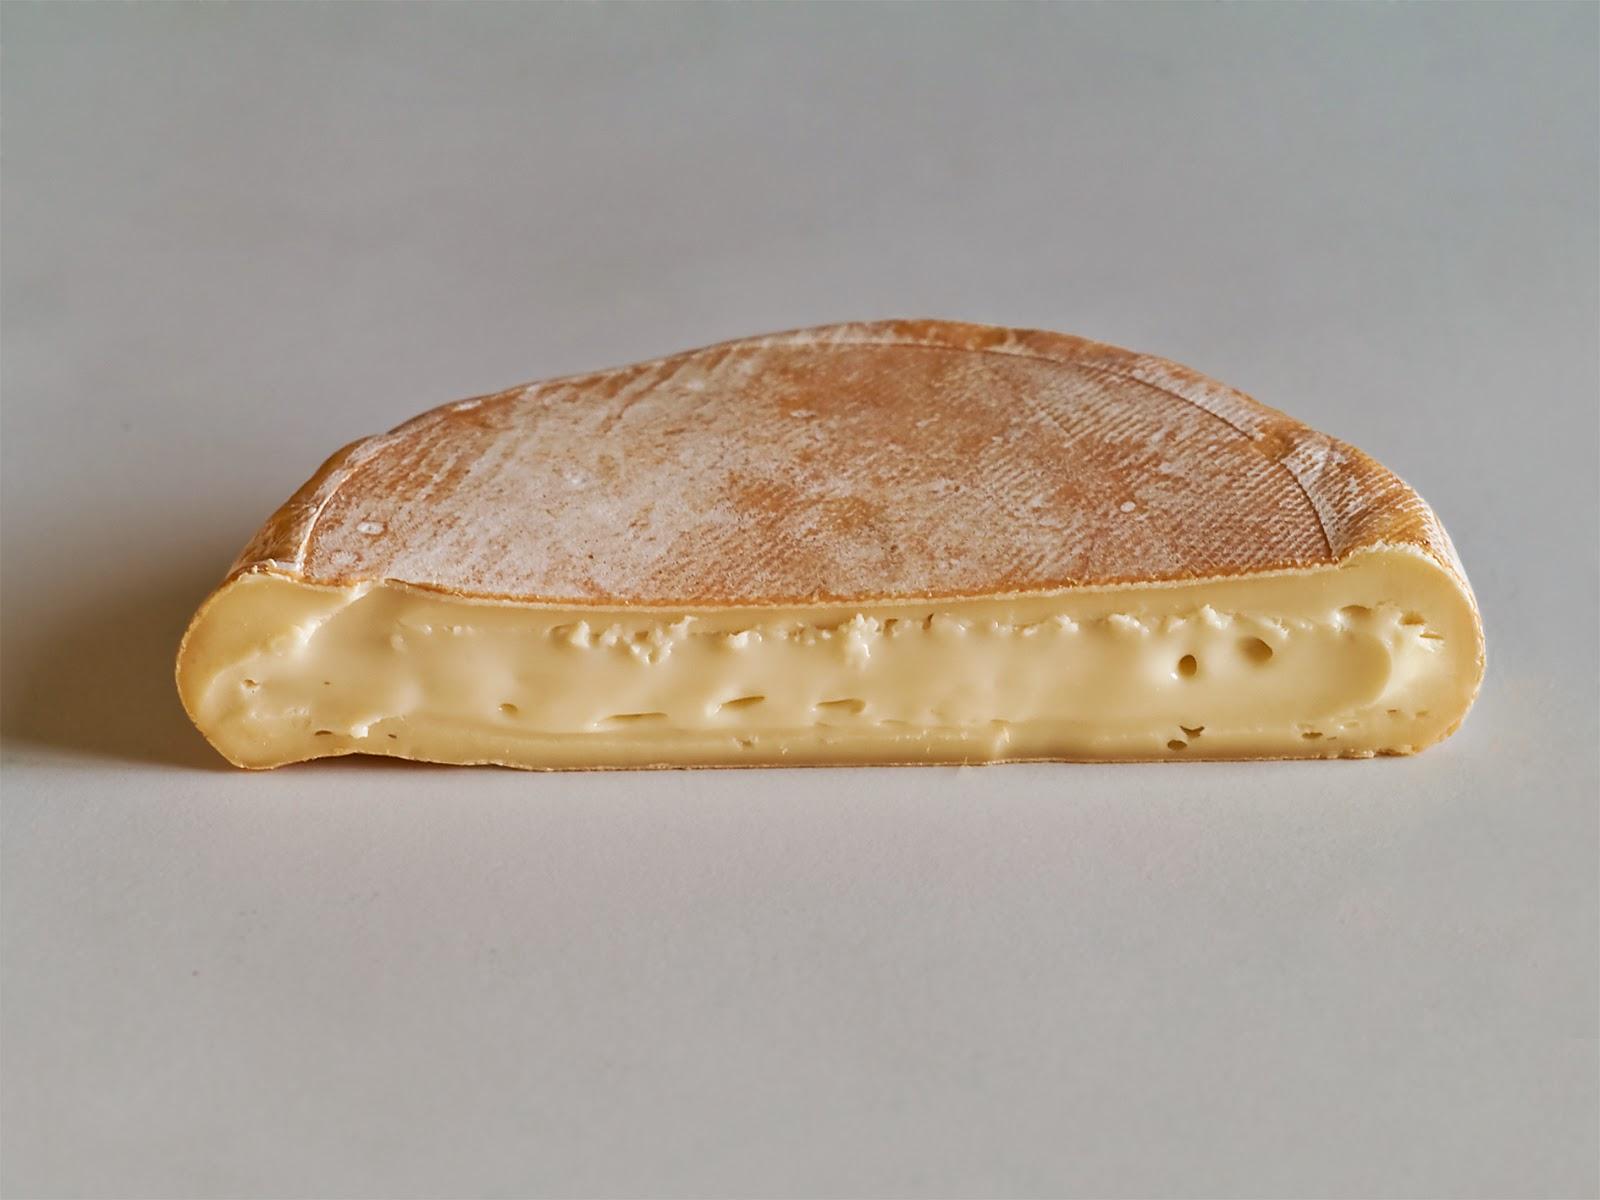 reblochon formaggio francese